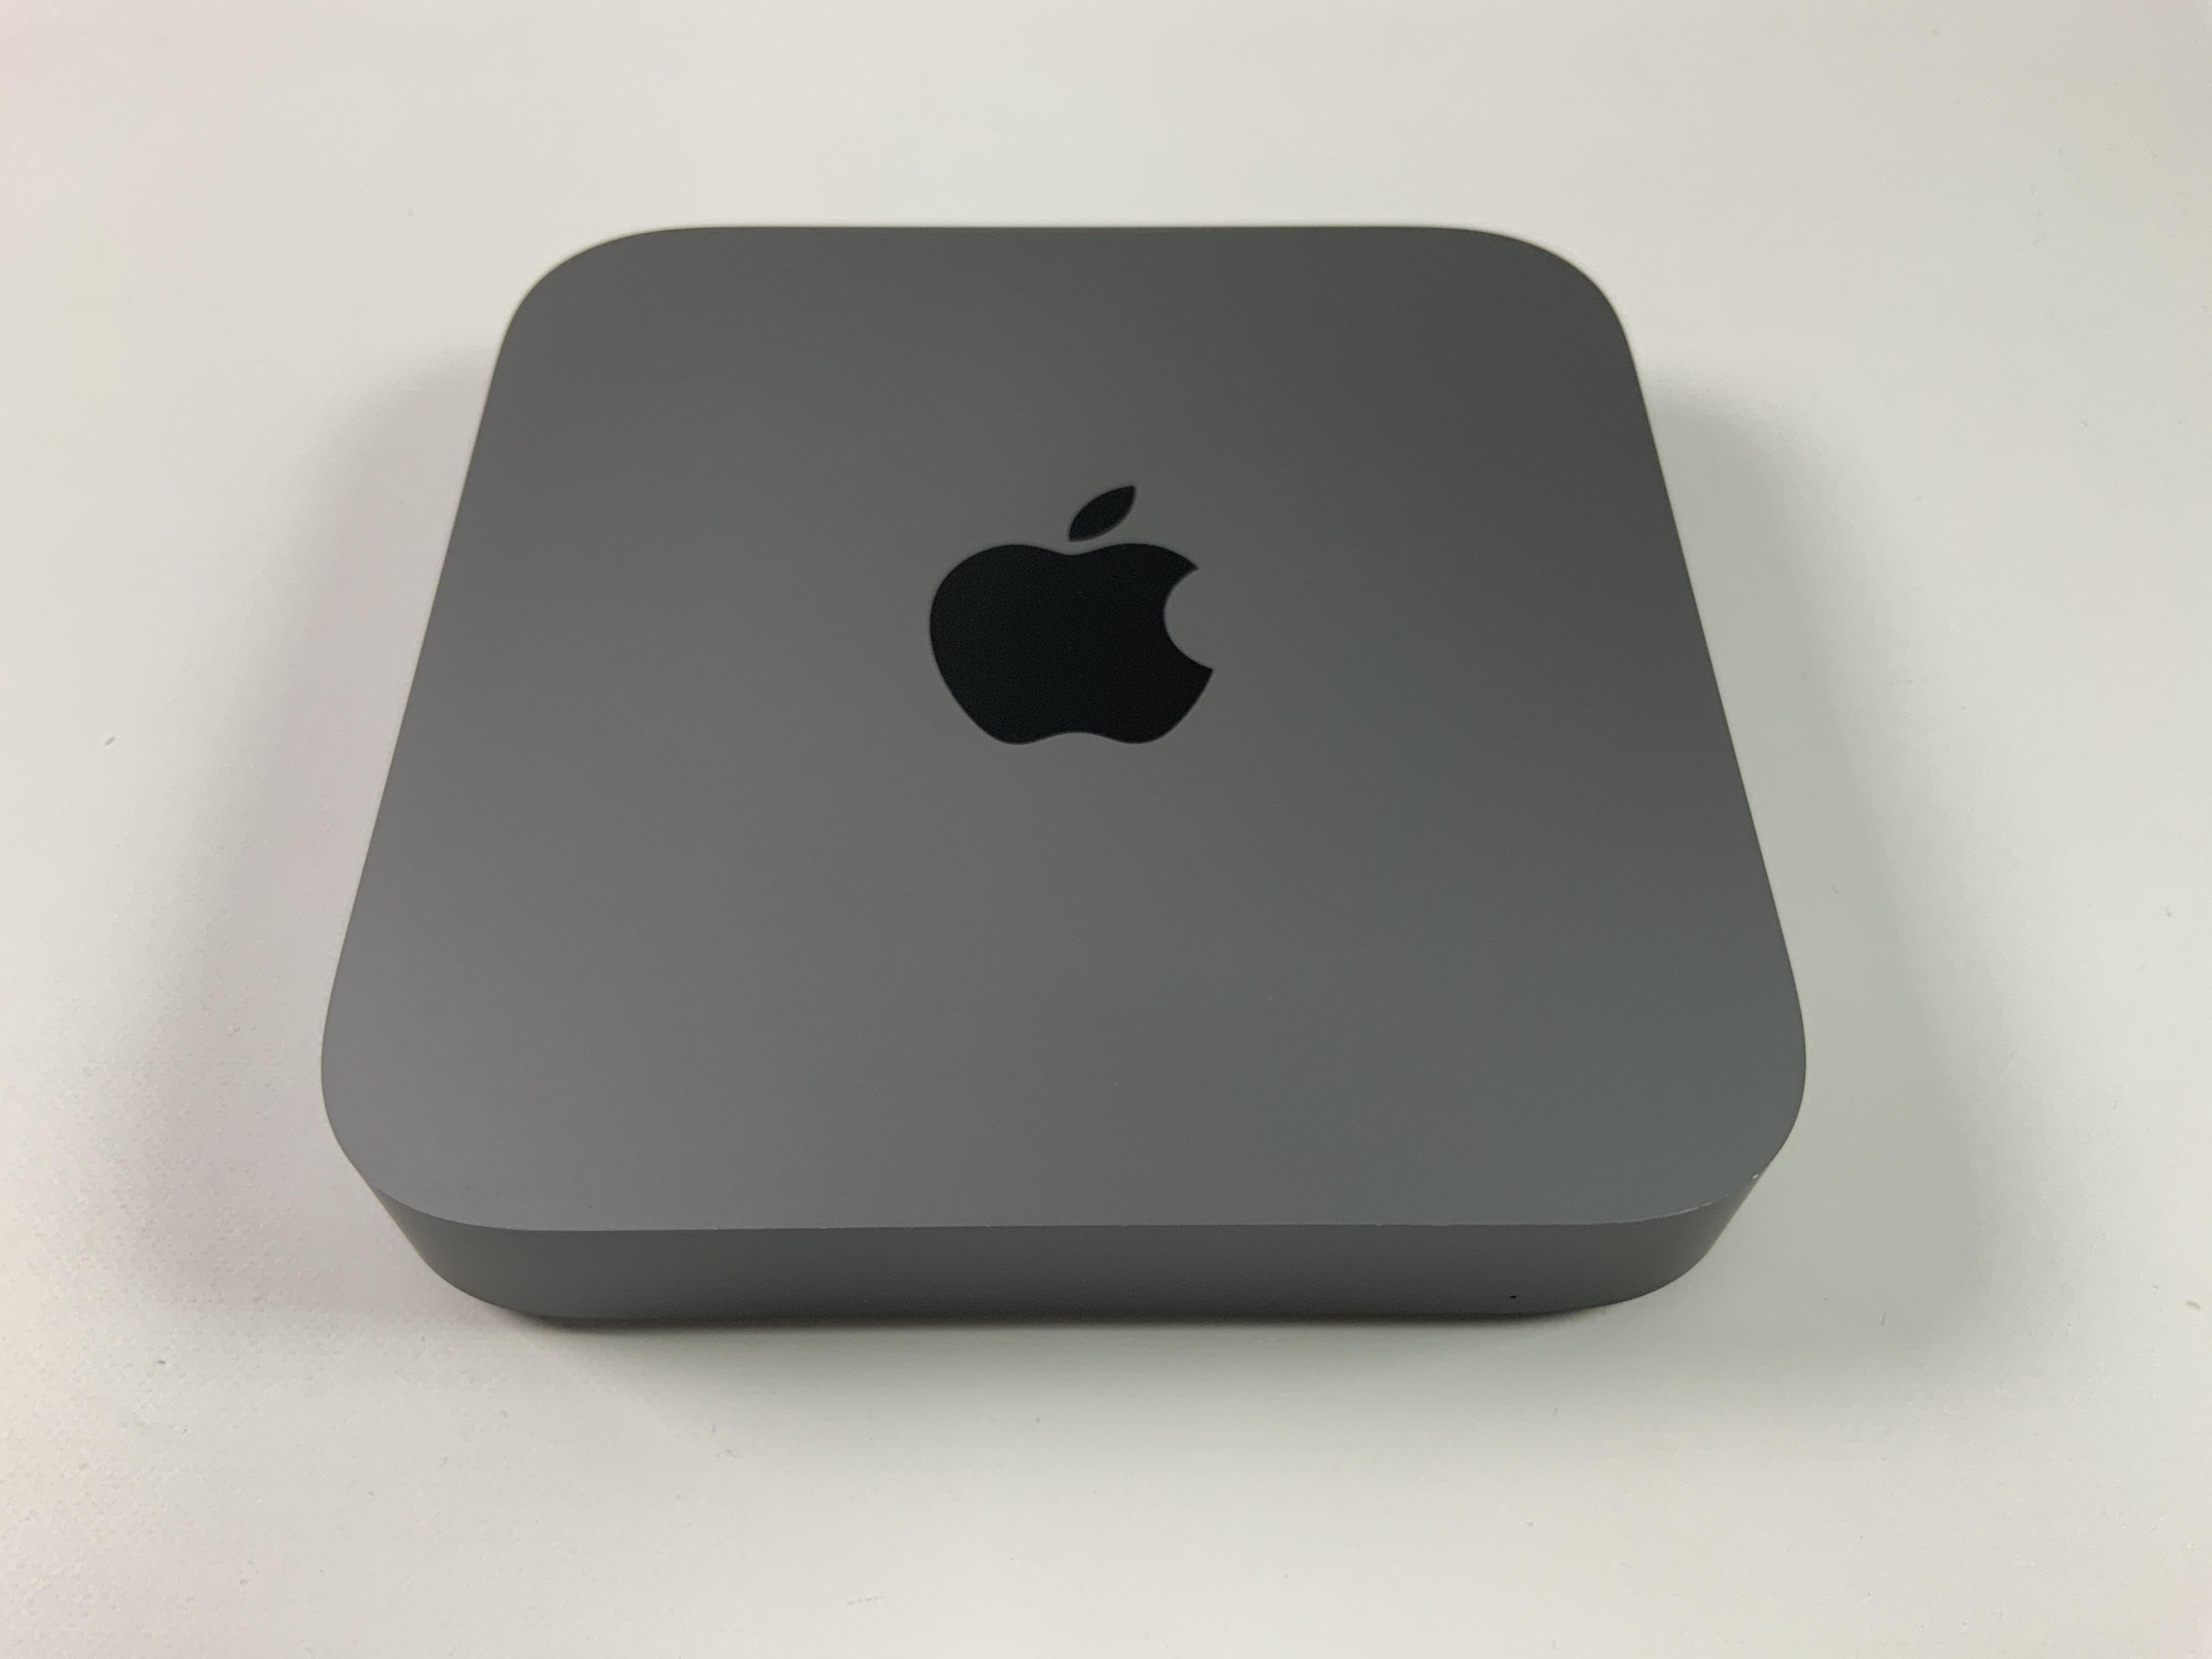 Mac Mini Early 2020 (Intel Quad-Core i3 3.6 GHz 32 GB RAM 256 GB SSD), Intel Quad-Core i3 3.6 GHz, 32 GB RAM, 256 GB SSD, Bild 1